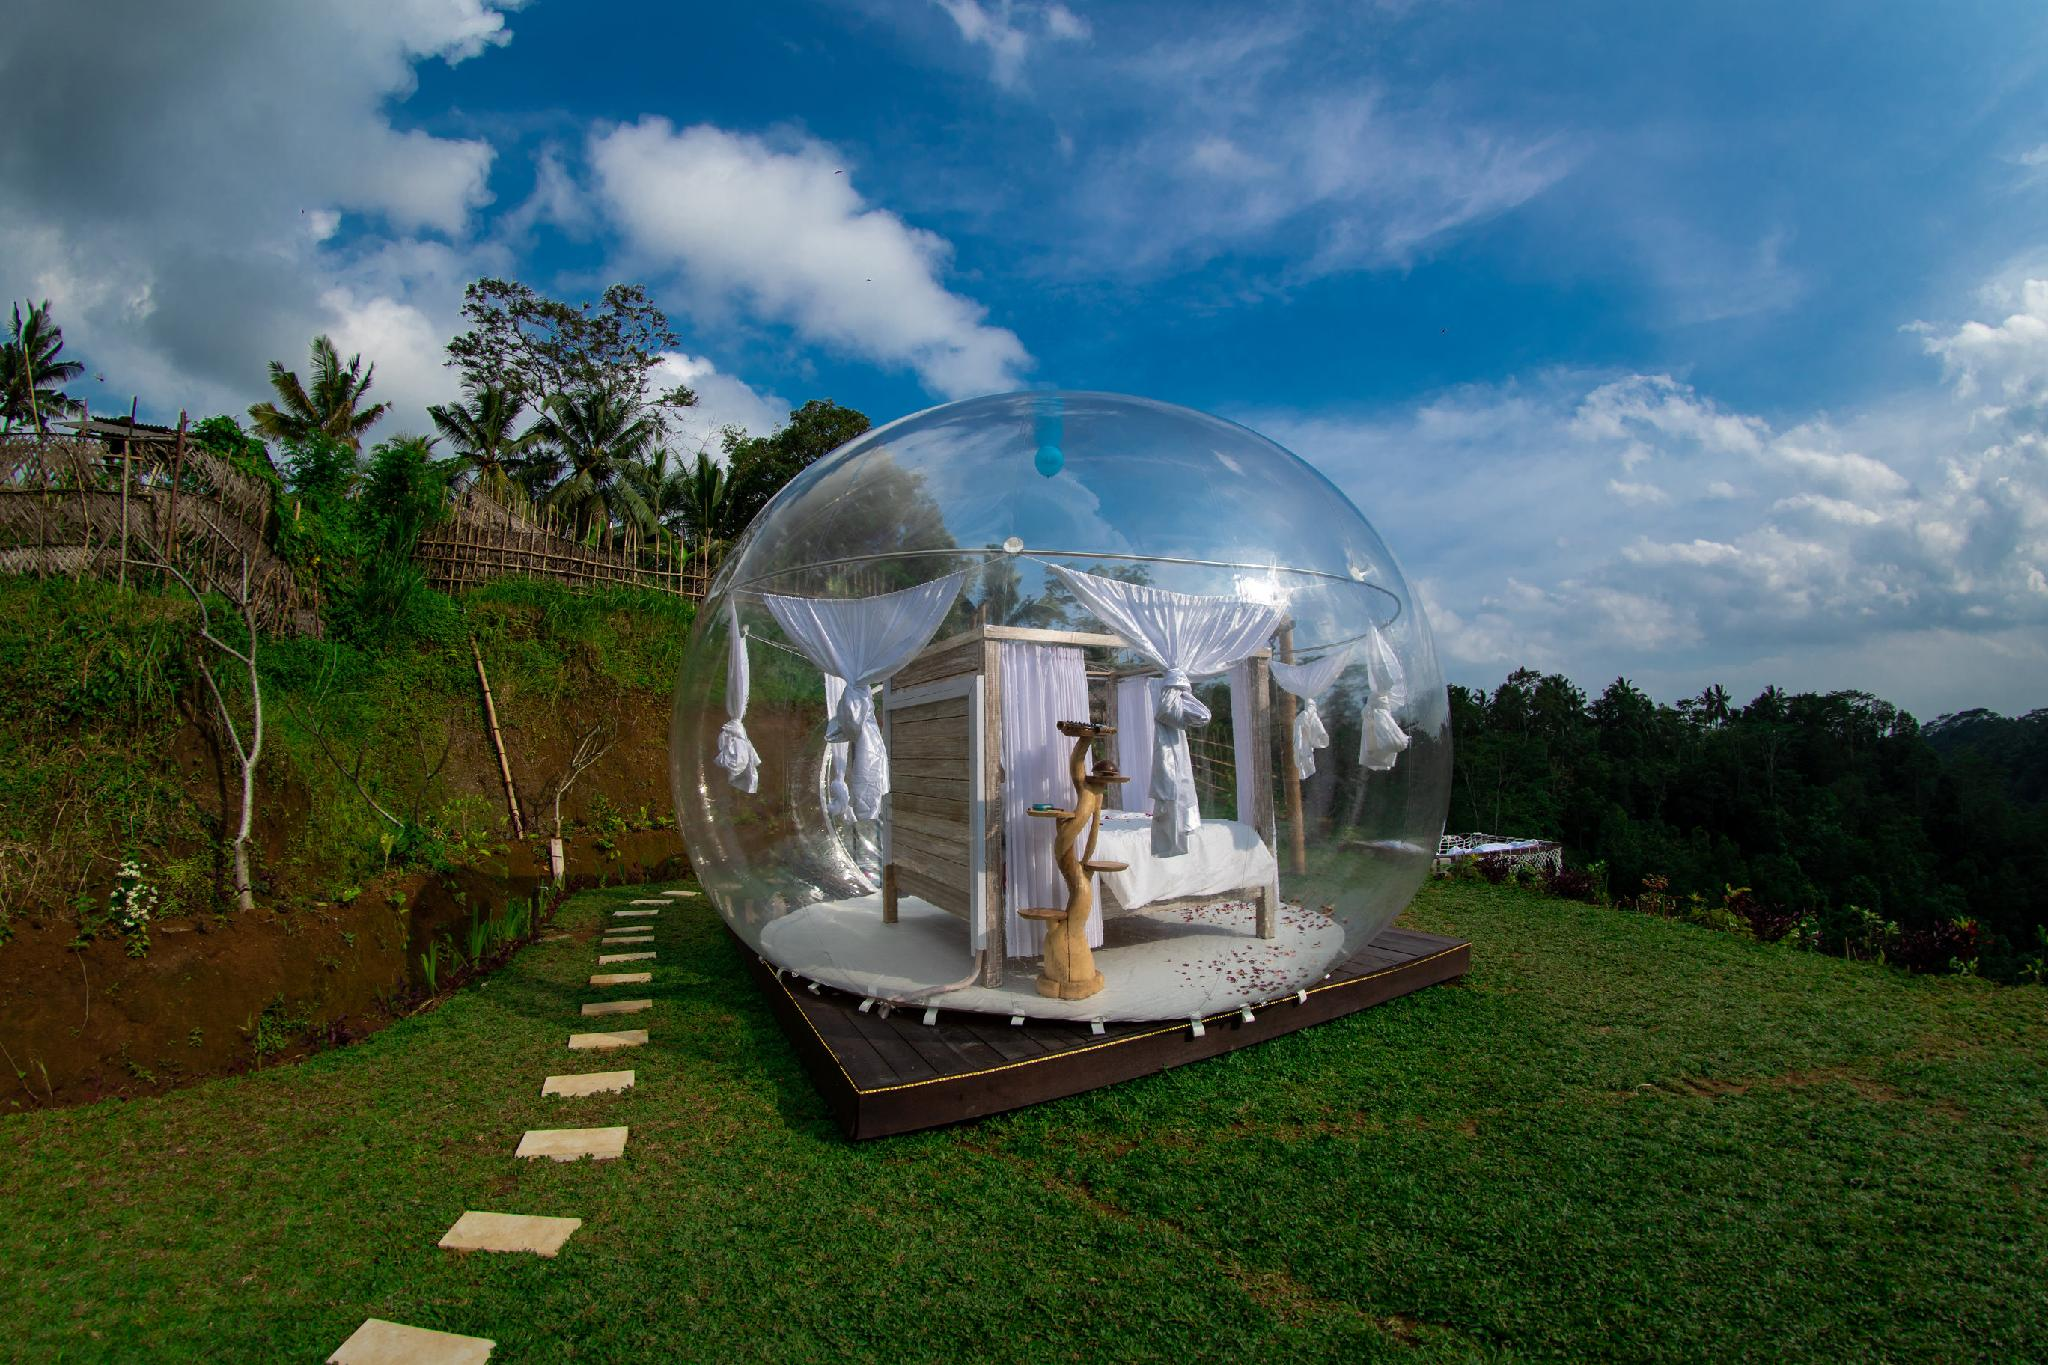 โรงแรม Romantic Bubble Dome Ubud ที่พักยอดนิยมมาพร้อมโปรโมชั่น Agoda ในราคาสุดพิเศษ ที่ลดถึง 20%